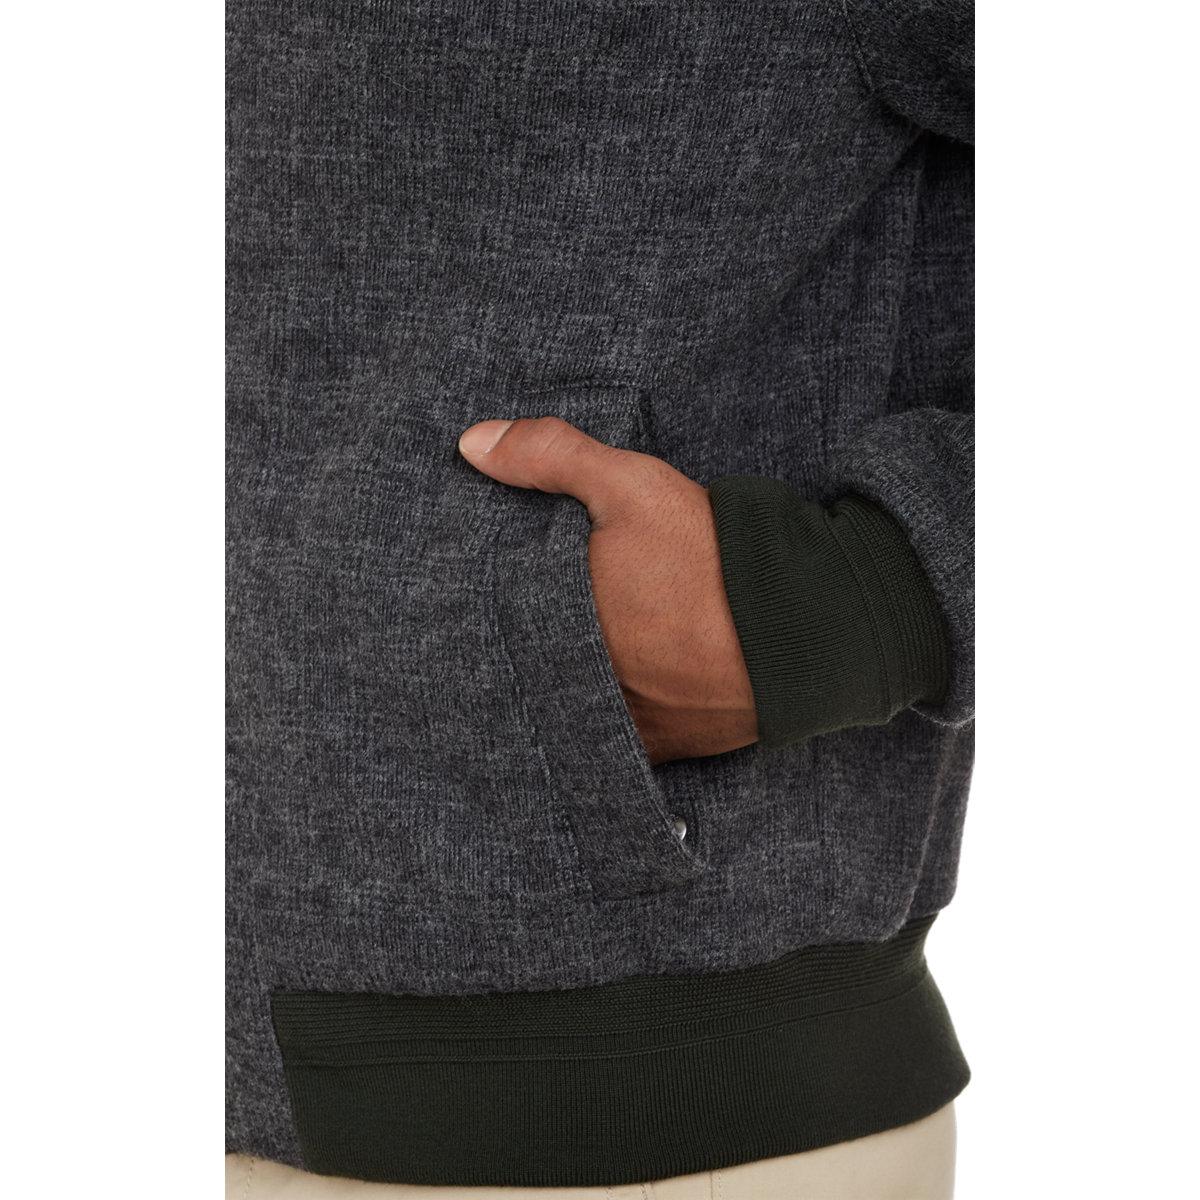 Lyst - Façonnable Plaid-Pattern Flannel Blouson in Black for Men 95870996cab1